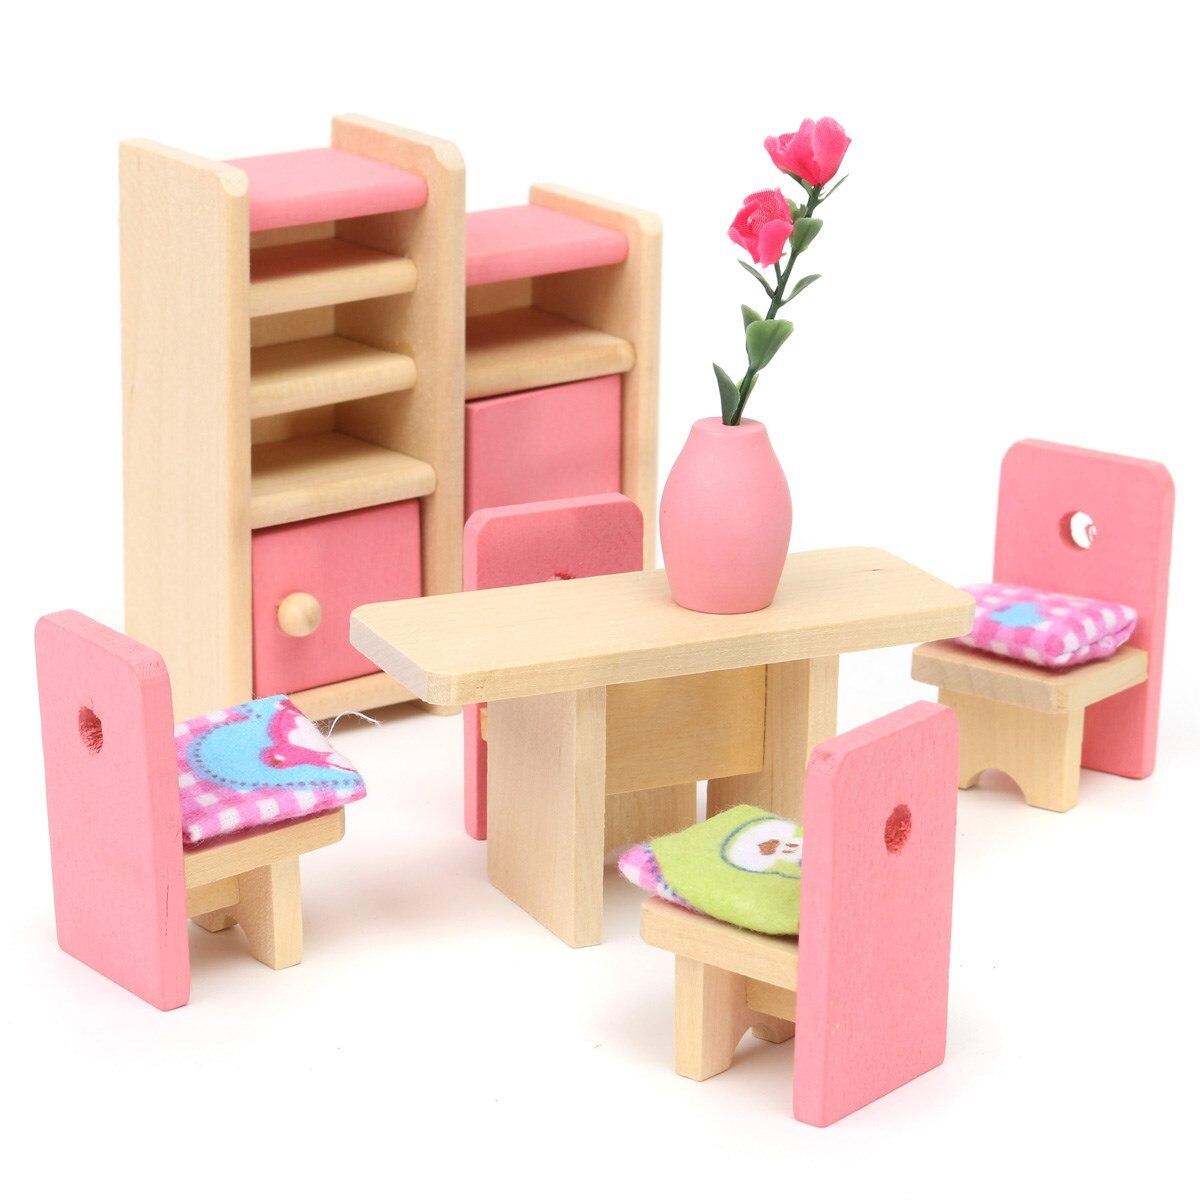 delicado de madera muebles de casa de muecas juguetes en miniatura para nios nios juegos de